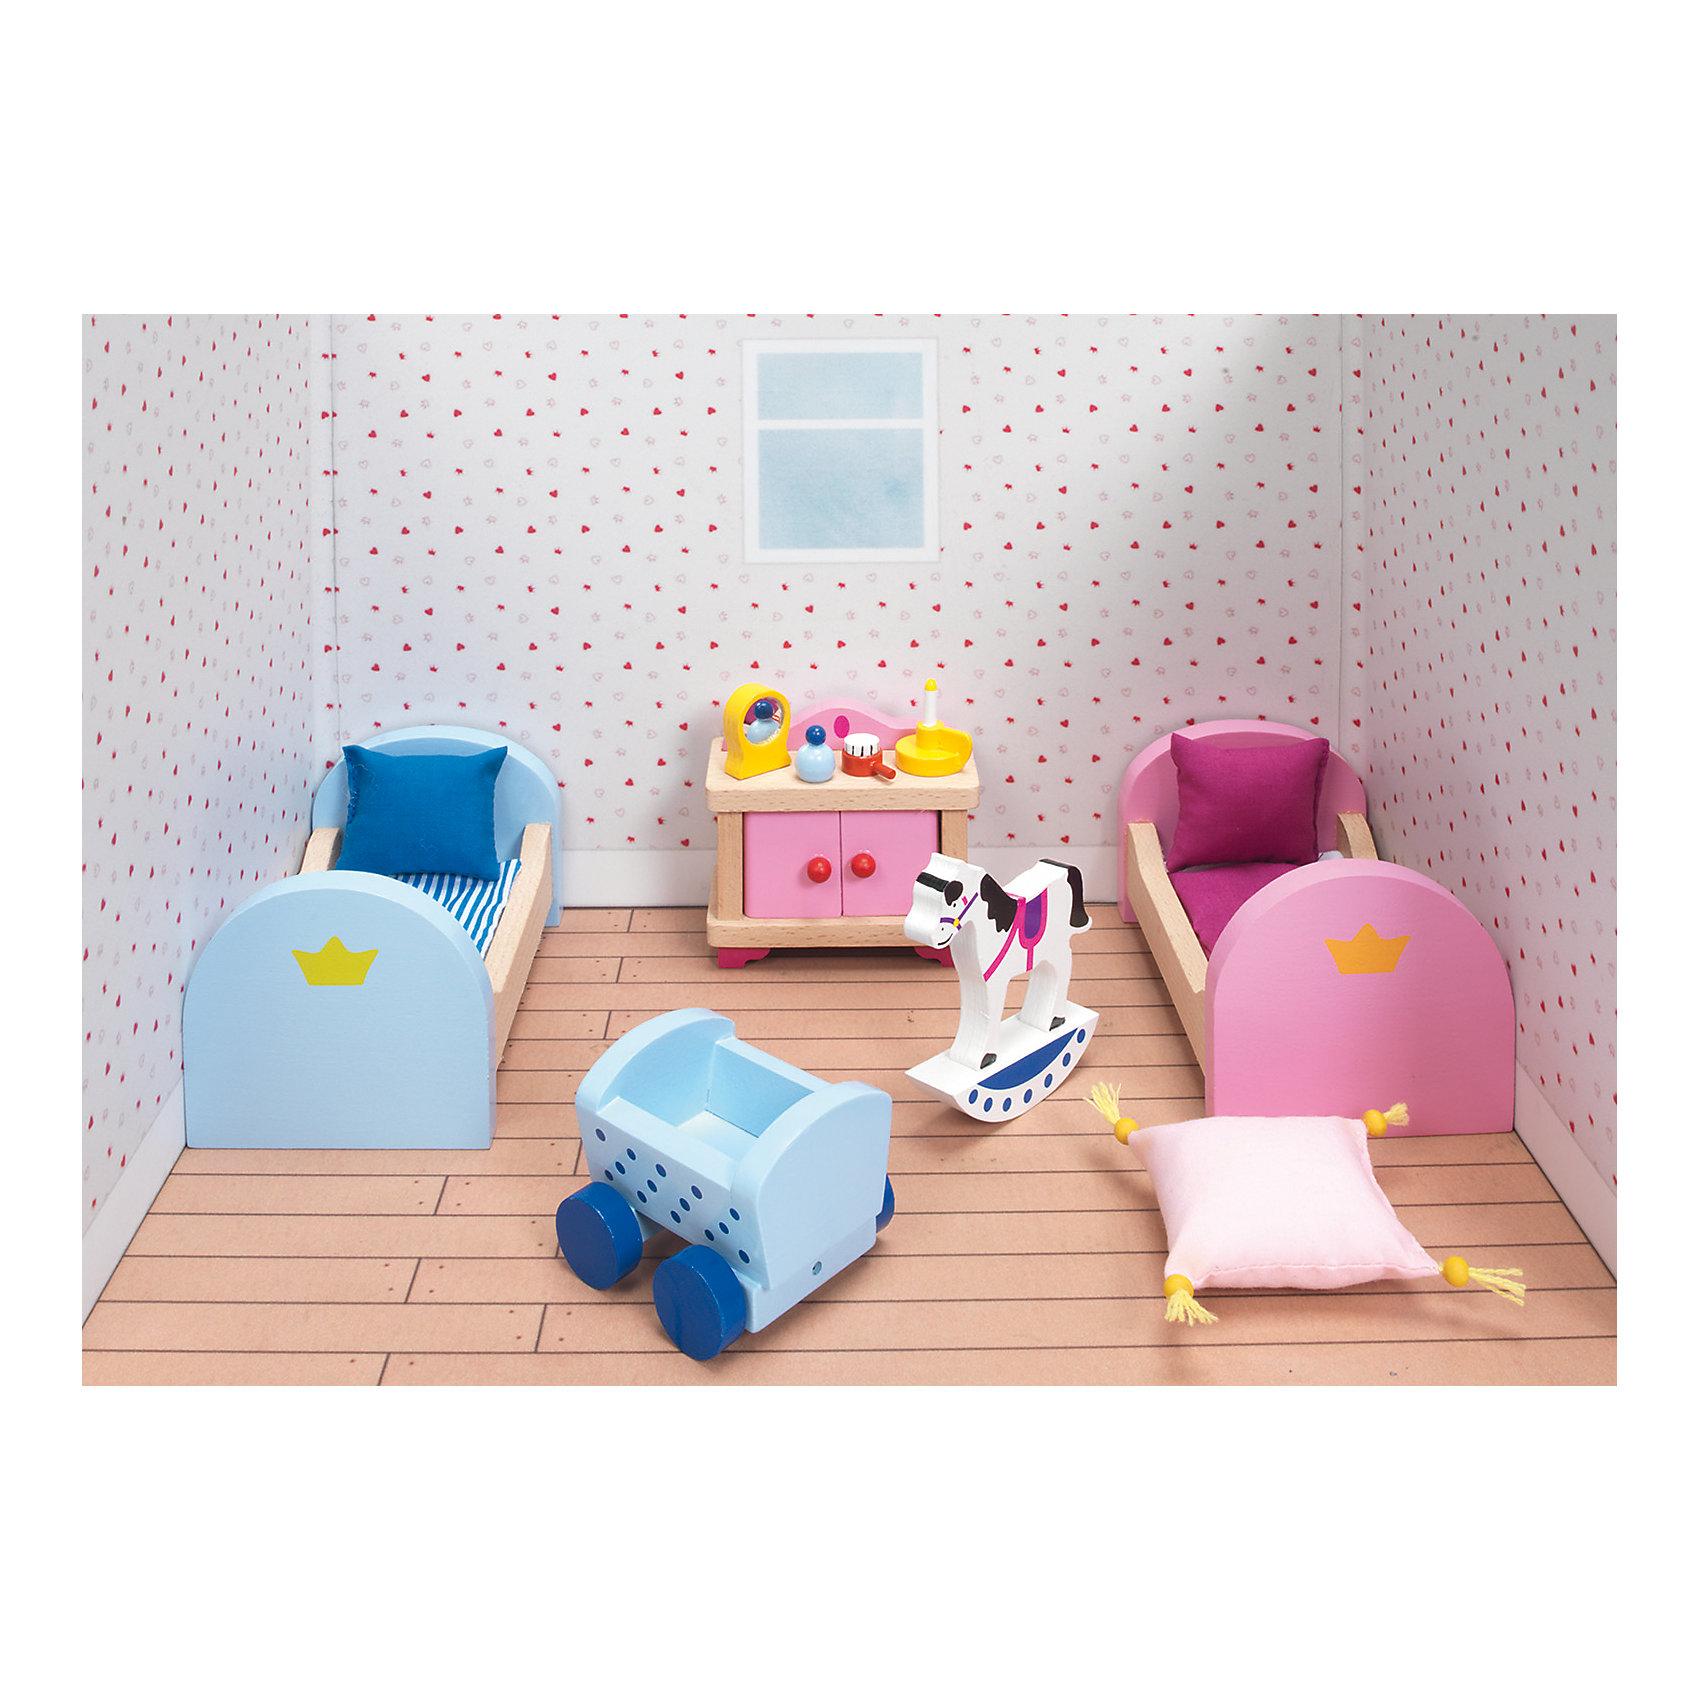 Мебель для кукольной детской (дворец), gokiХарактеристики товара:<br><br>- цвет: разноцветный;<br>- материал: дерево;<br>- возраст: от трех лет;<br>- комплектация: 16 предметов.<br><br>Этот симпатичный набор из множества предметов, необходимых в кукольной детской, приводит детей в восторг! Какая девочка сможет отказаться поиграть с куклами, которые имеют детскую, так похожую на настоящую?! В набор входят самые необходимые для этого помещения вещи. Игрушки очень качественно выполнены, поэтому набор станет замечательным подарком ребенку. <br>Продается набор в красивой удобной упаковке. Игры с куклами помогают девочкам развить важные навыки и отработать модели социального взаимодействия. Изделие произведено из высококачественного материала, безопасного для детей.<br><br>Мебель для кукольной детской (дворец) от германского бренда GOKI можно купить в нашем интернет-магазине.<br><br>Ширина мм: 120<br>Глубина мм: 120<br>Высота мм: 120<br>Вес г: 450<br>Возраст от месяцев: 36<br>Возраст до месяцев: 144<br>Пол: Женский<br>Возраст: Детский<br>SKU: 5155316